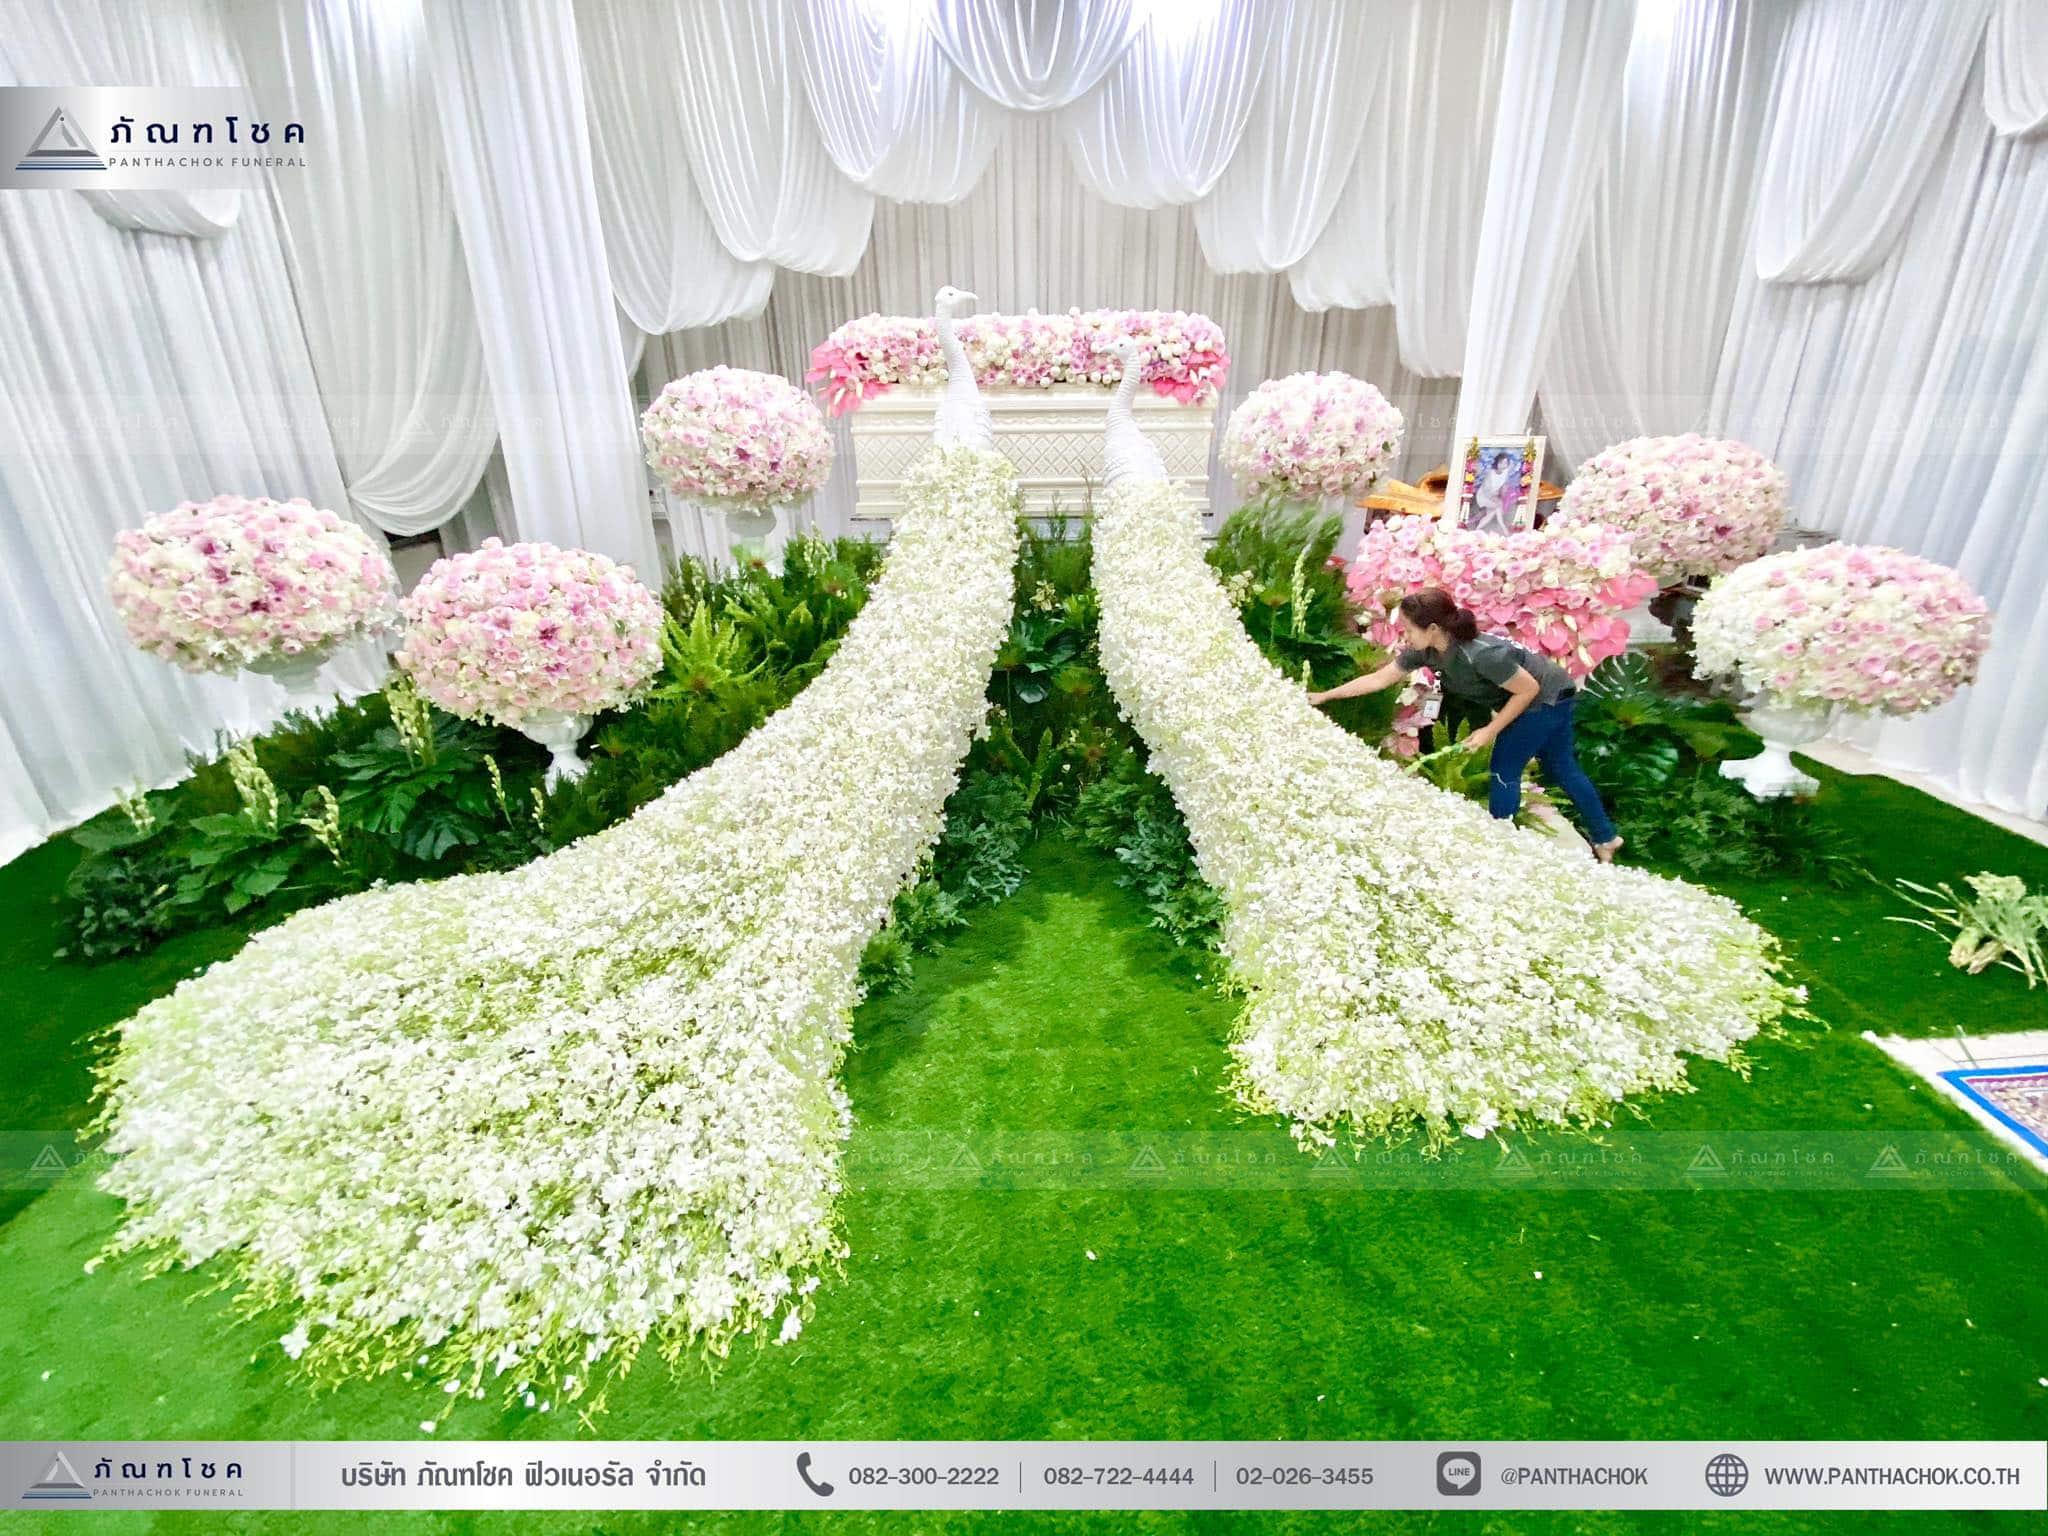 ชุดดอกไม้งานศพประดับด้วยนกยูงดูสง่า ณ วัดเขียนเขตพระอารามหลวง ปทุมธานี 3